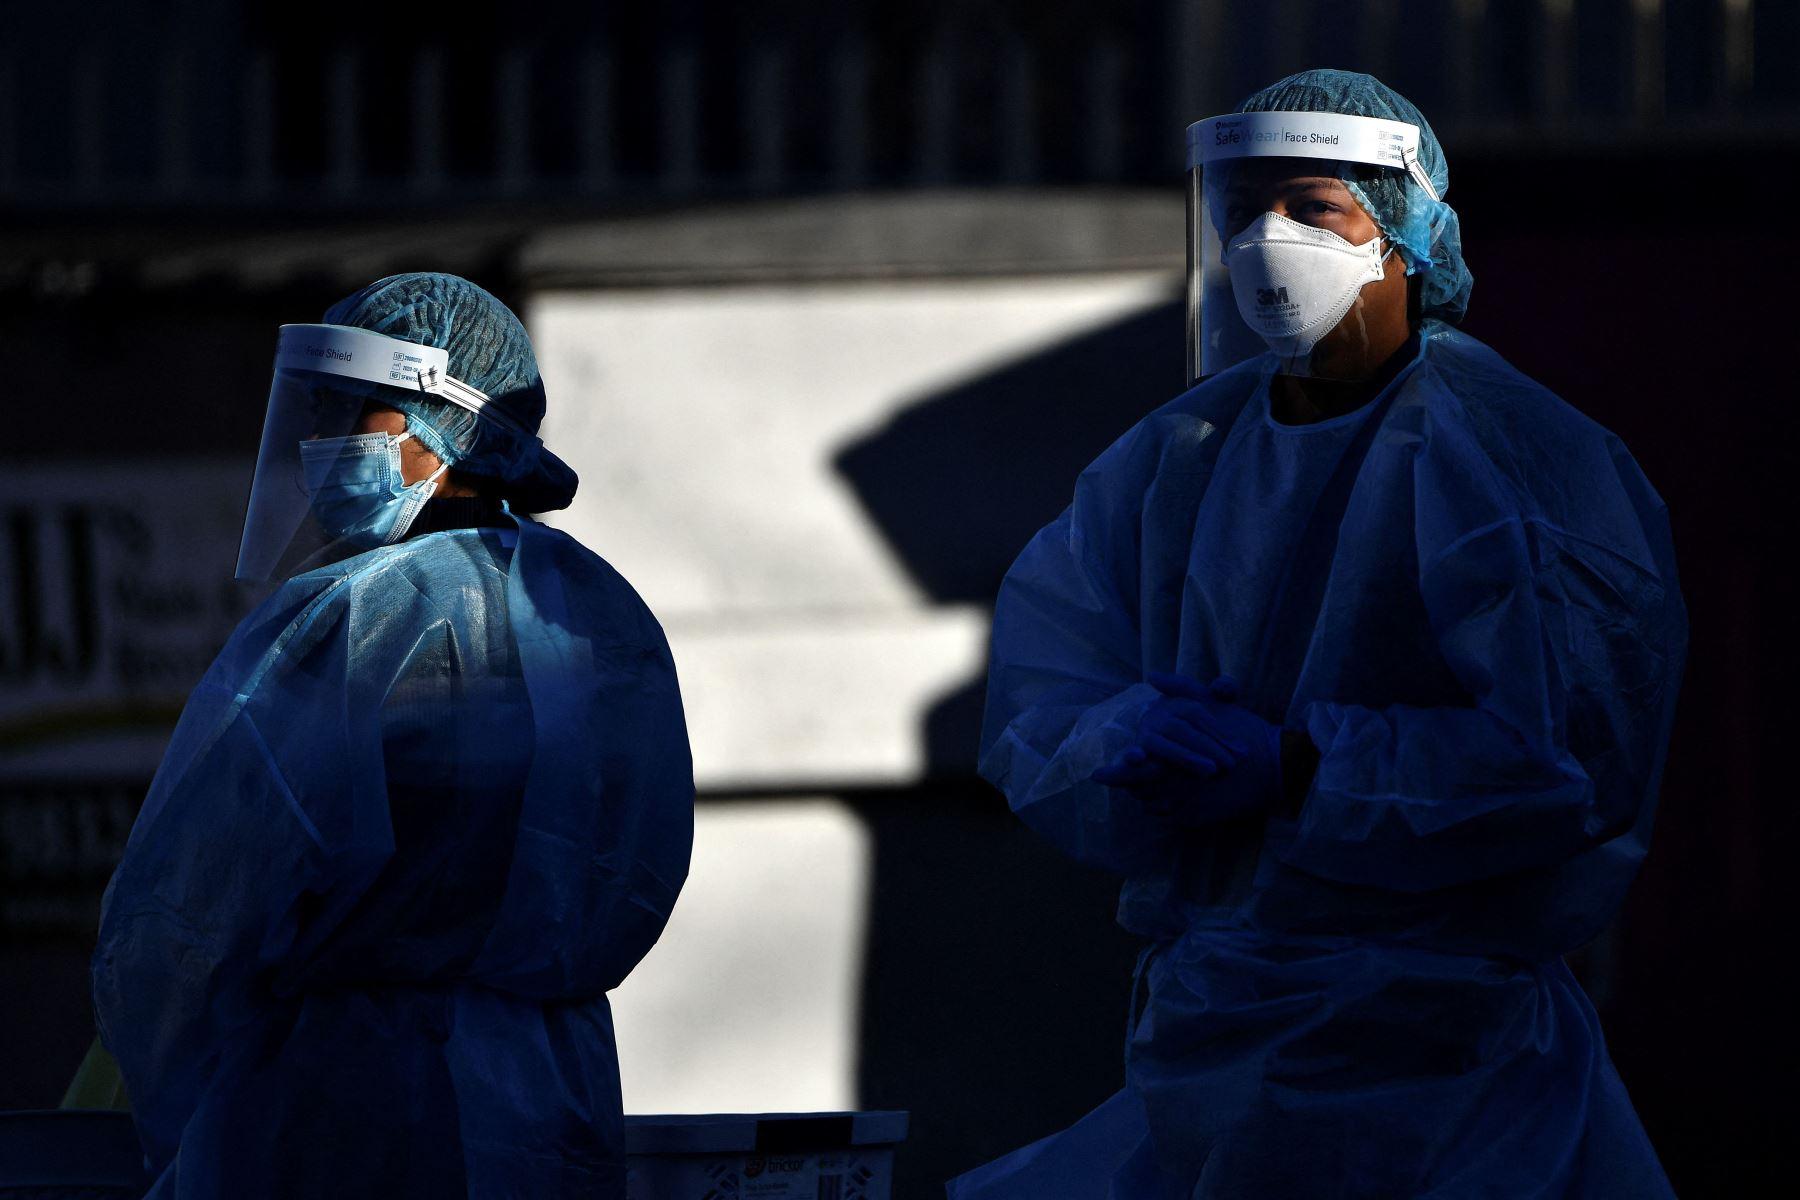 Los trabajadores de la salud esperan a que los residentes tomen muestras de hisopos en un sitio de prueba de covid-19 en el oeste de Sydney. Foto: AFP